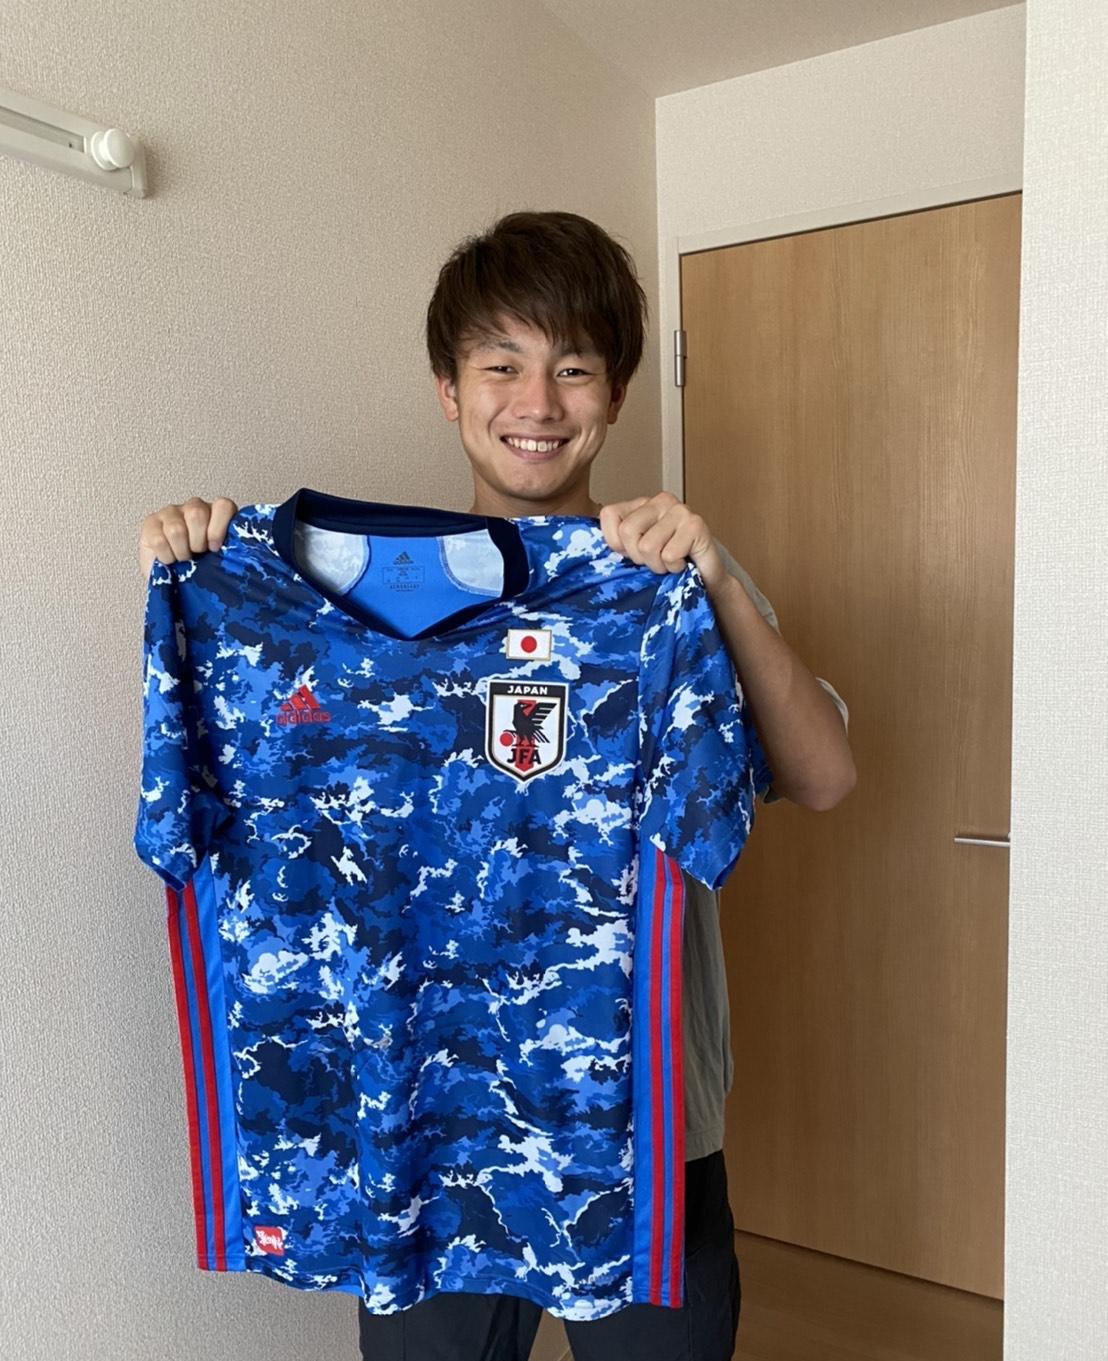 【直筆サイン入り公式】U-23日本代表 上田 綺世 選手(鹿島アントラーズ)